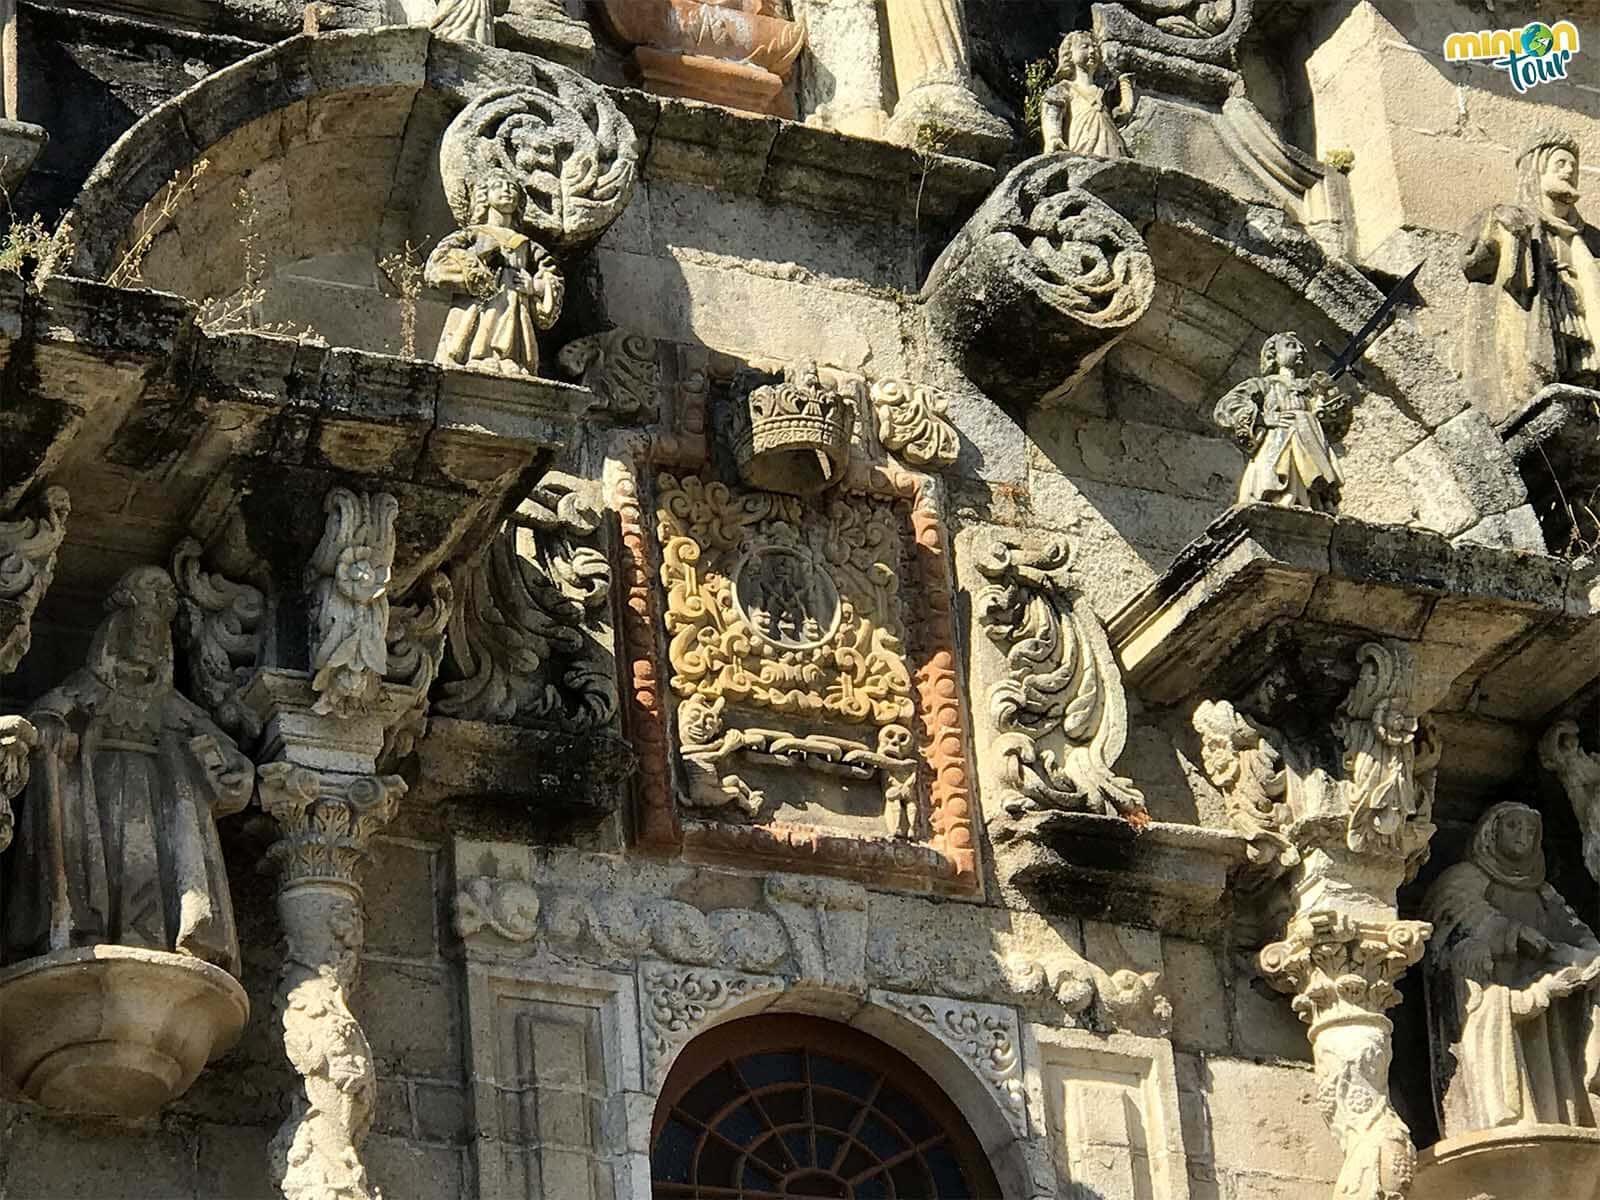 Este es el escudo mariano de la fachada del santuario